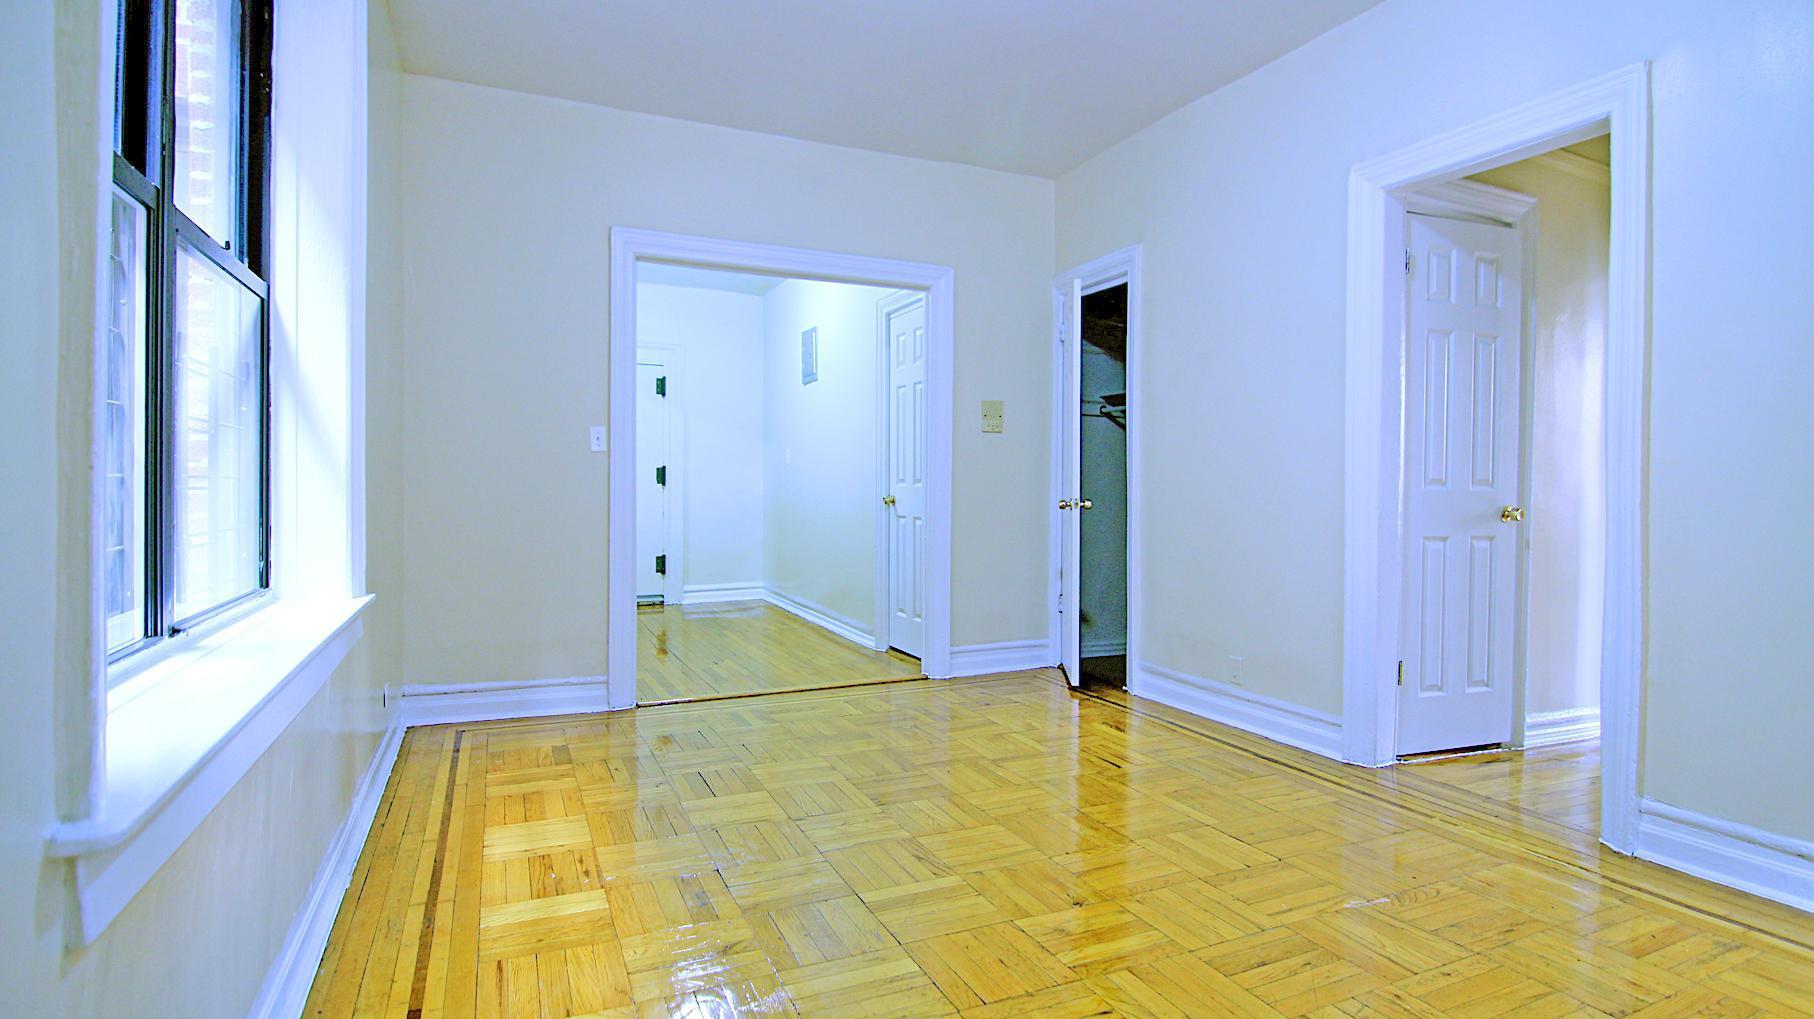 1610 Walton Ave #B14 For Rent - Bronx, NY | Trulia